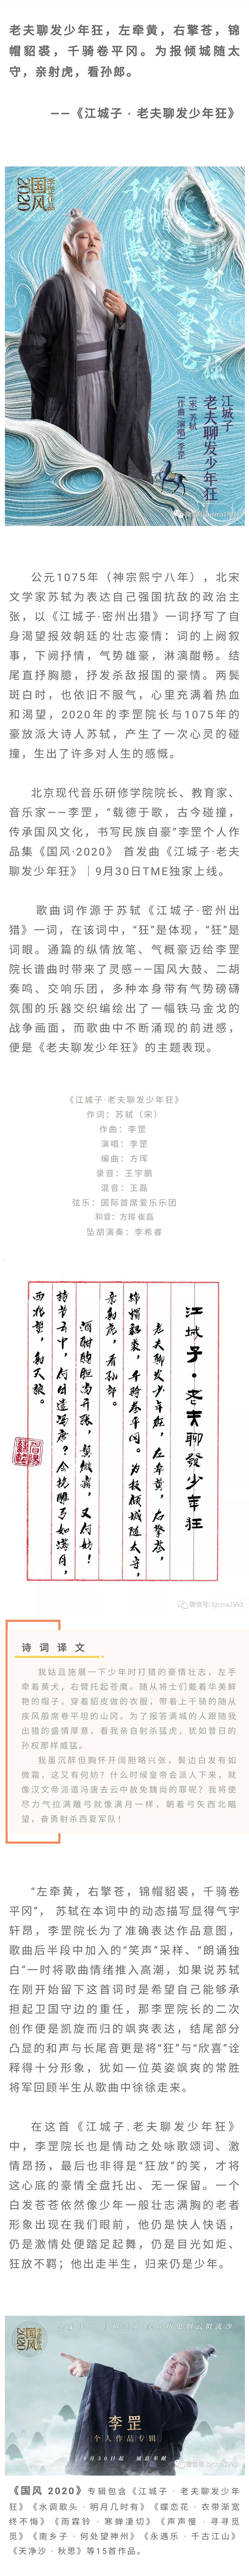 传承国风文化 书写民族自豪!李罡院长古诗词音乐作品专辑《国风2020》开篇之作《江城子·老夫聊发少年狂》霸气上线